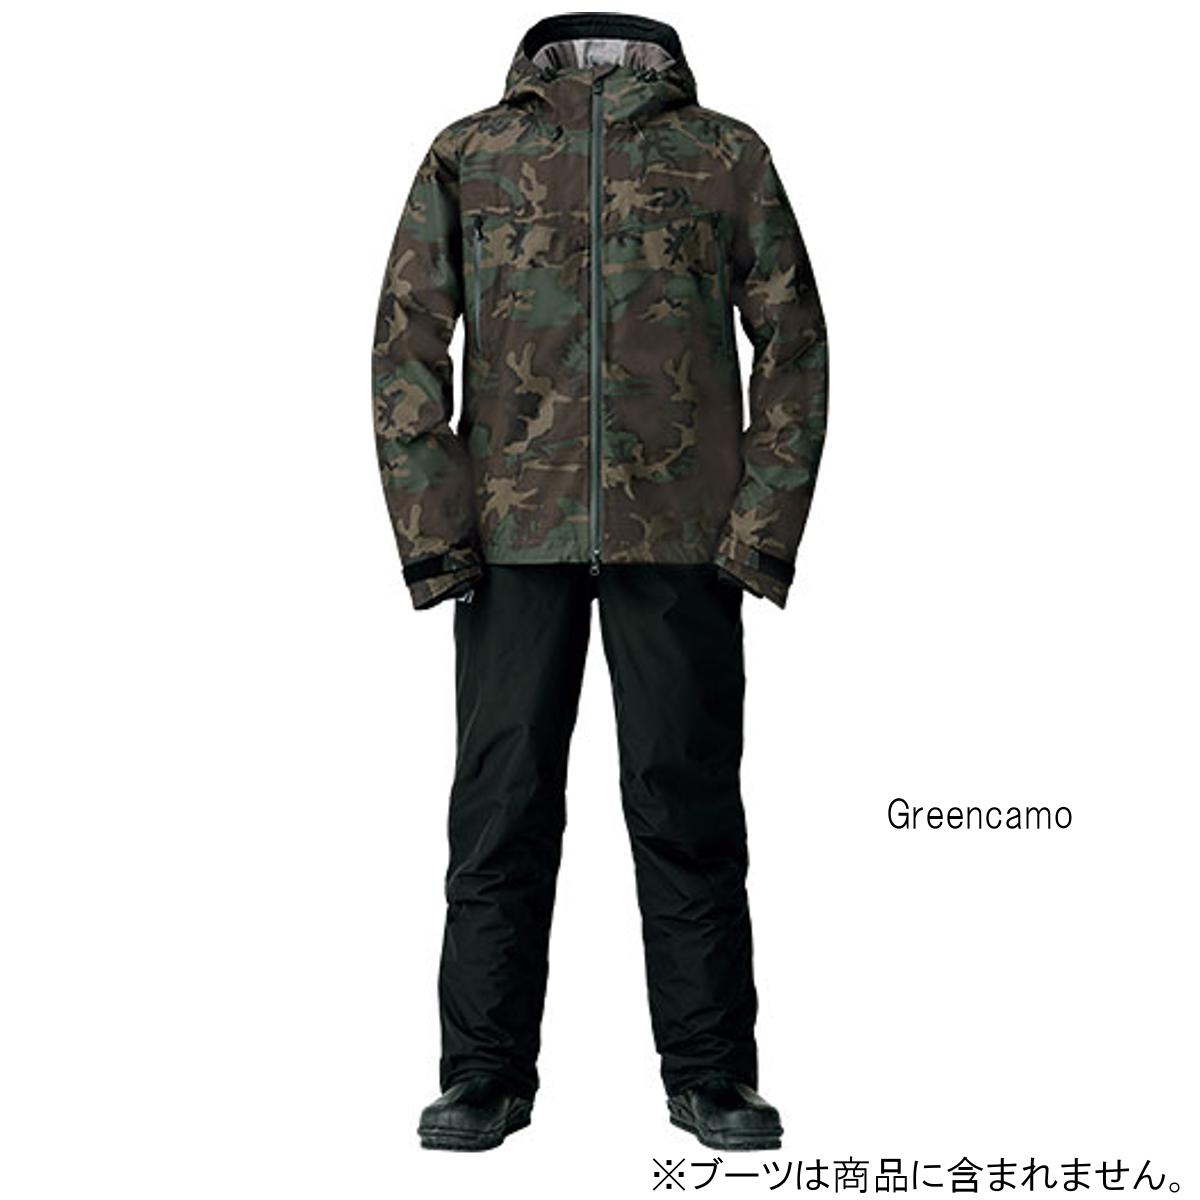 ダイワ ゴアテックス ファブリクス ウィンタースーツ DW-1908 M Greencamo(東日本店)